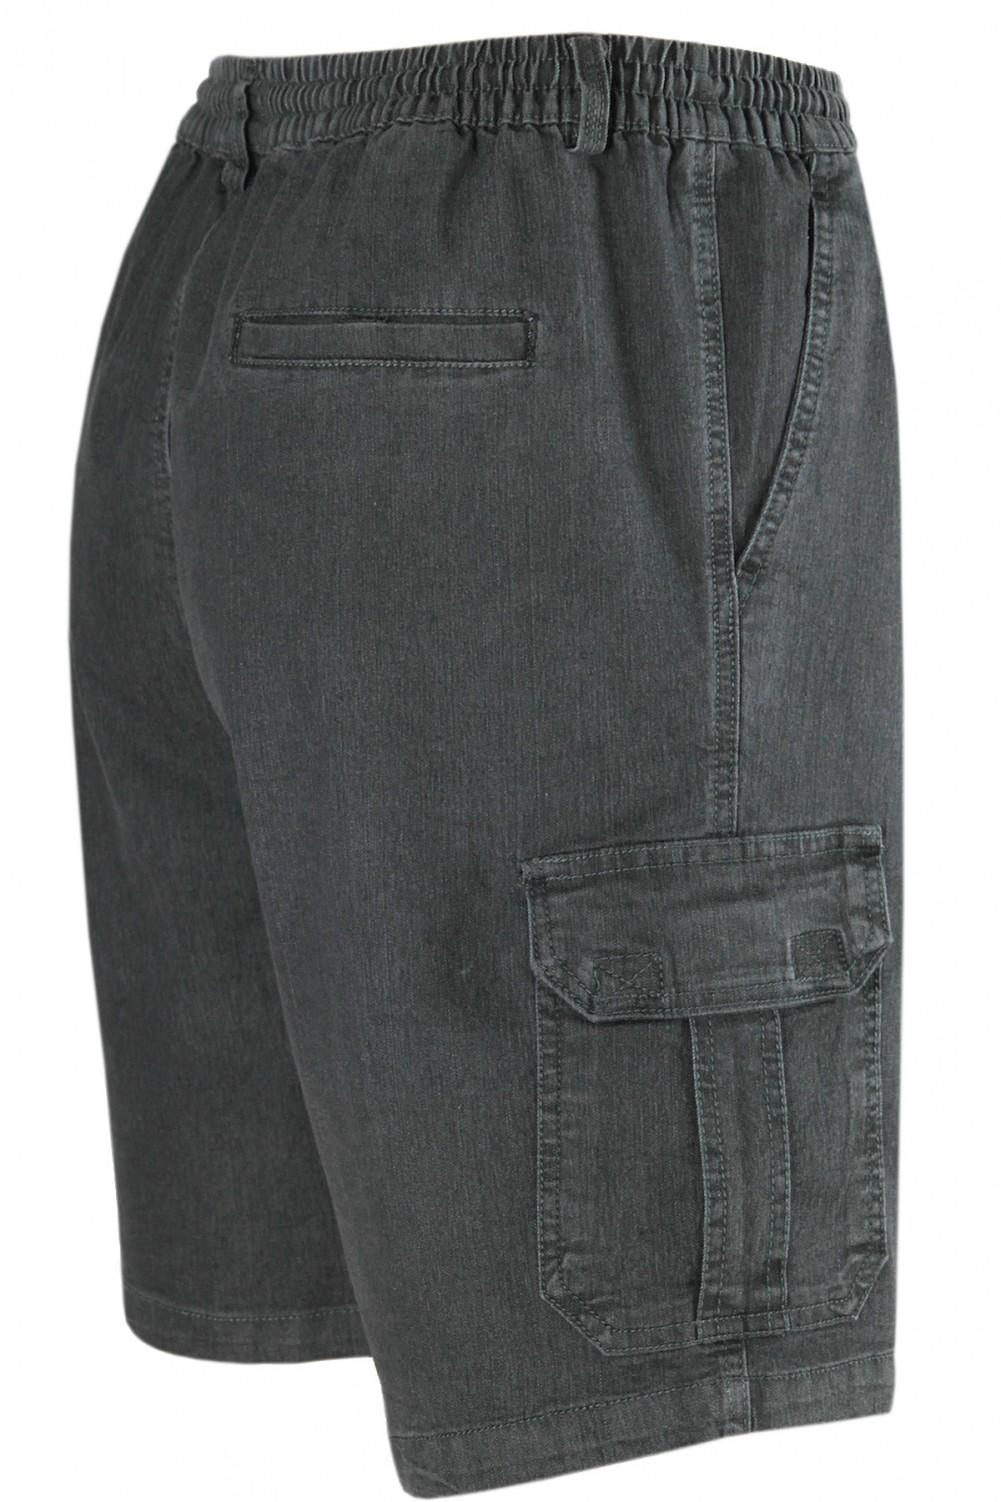 Herren Schlupf-Jeans Shorts kurze Hose aus Stretch Baumwolle - Black